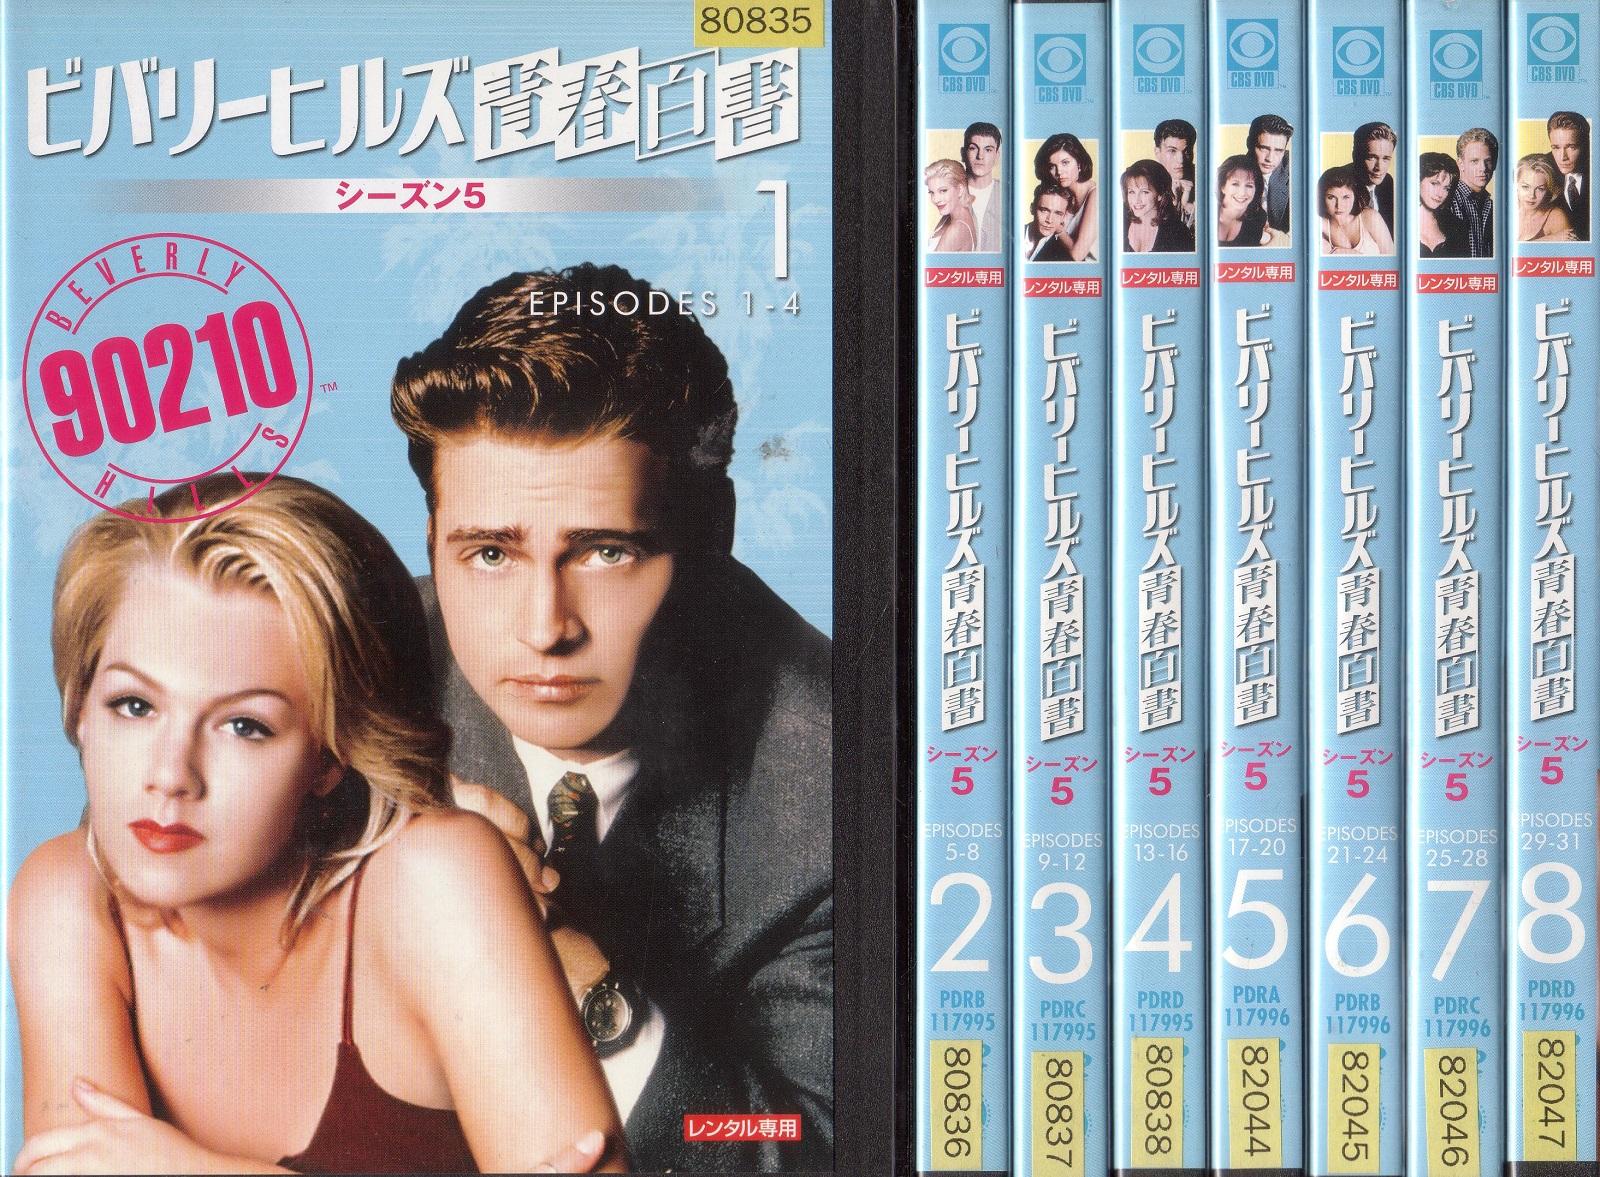 ビバリーヒルズ青春白書シーズン5 8巻セット 【中古DVD/レンタル落ち/送料無料】